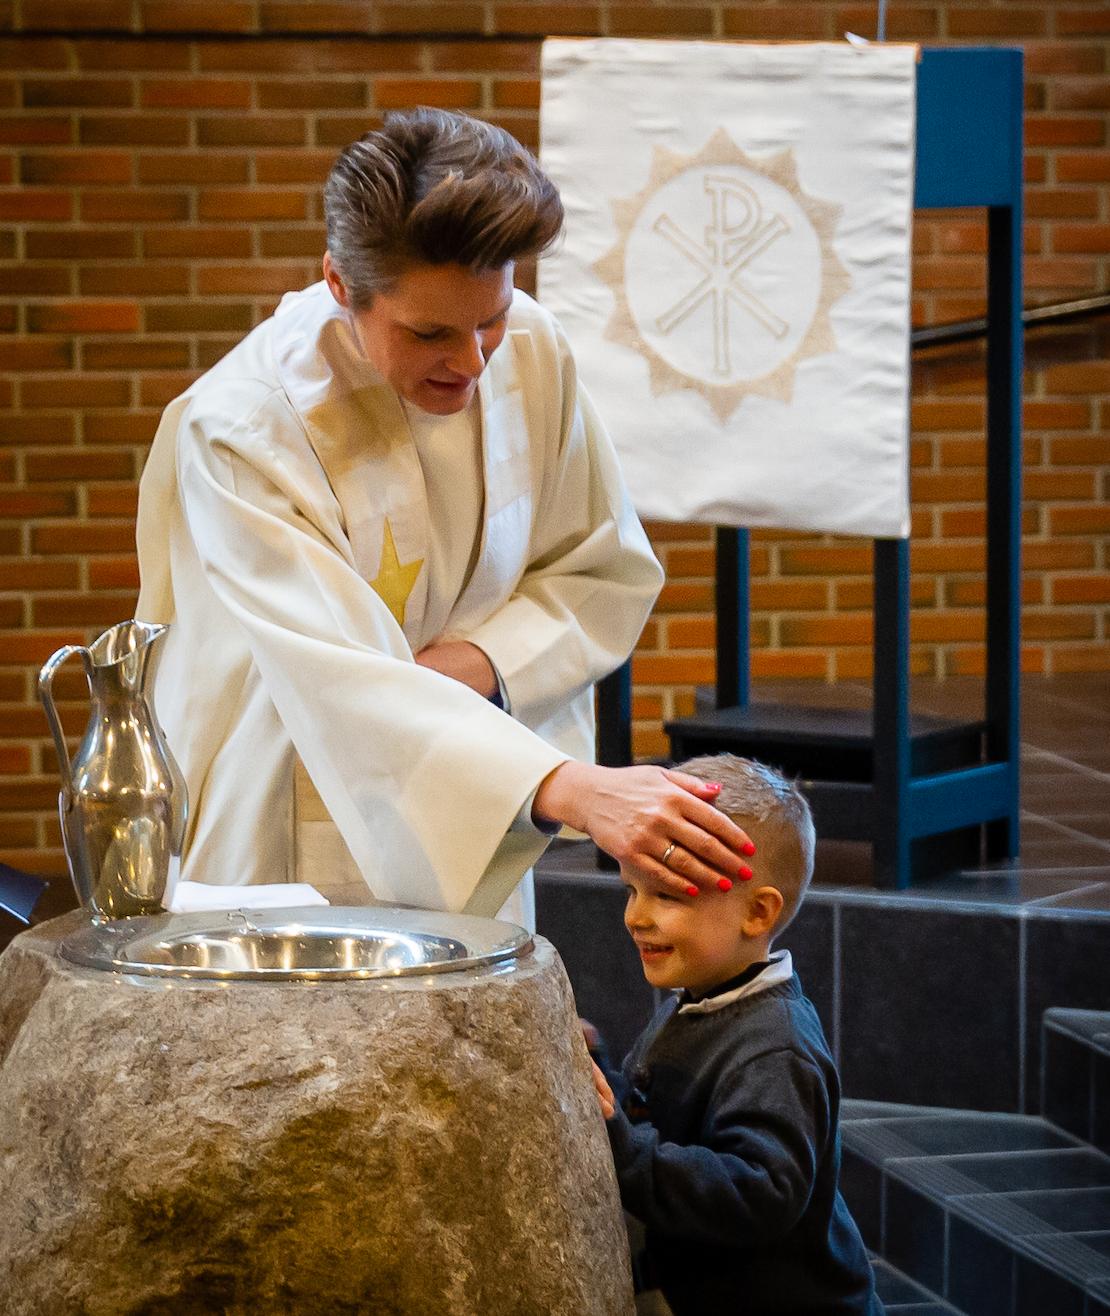 BURSDAGSGUTT: Noa fylte fire år på dåpsdagen og får her velsignelsen av Cecilie Bakkene Pedersen.